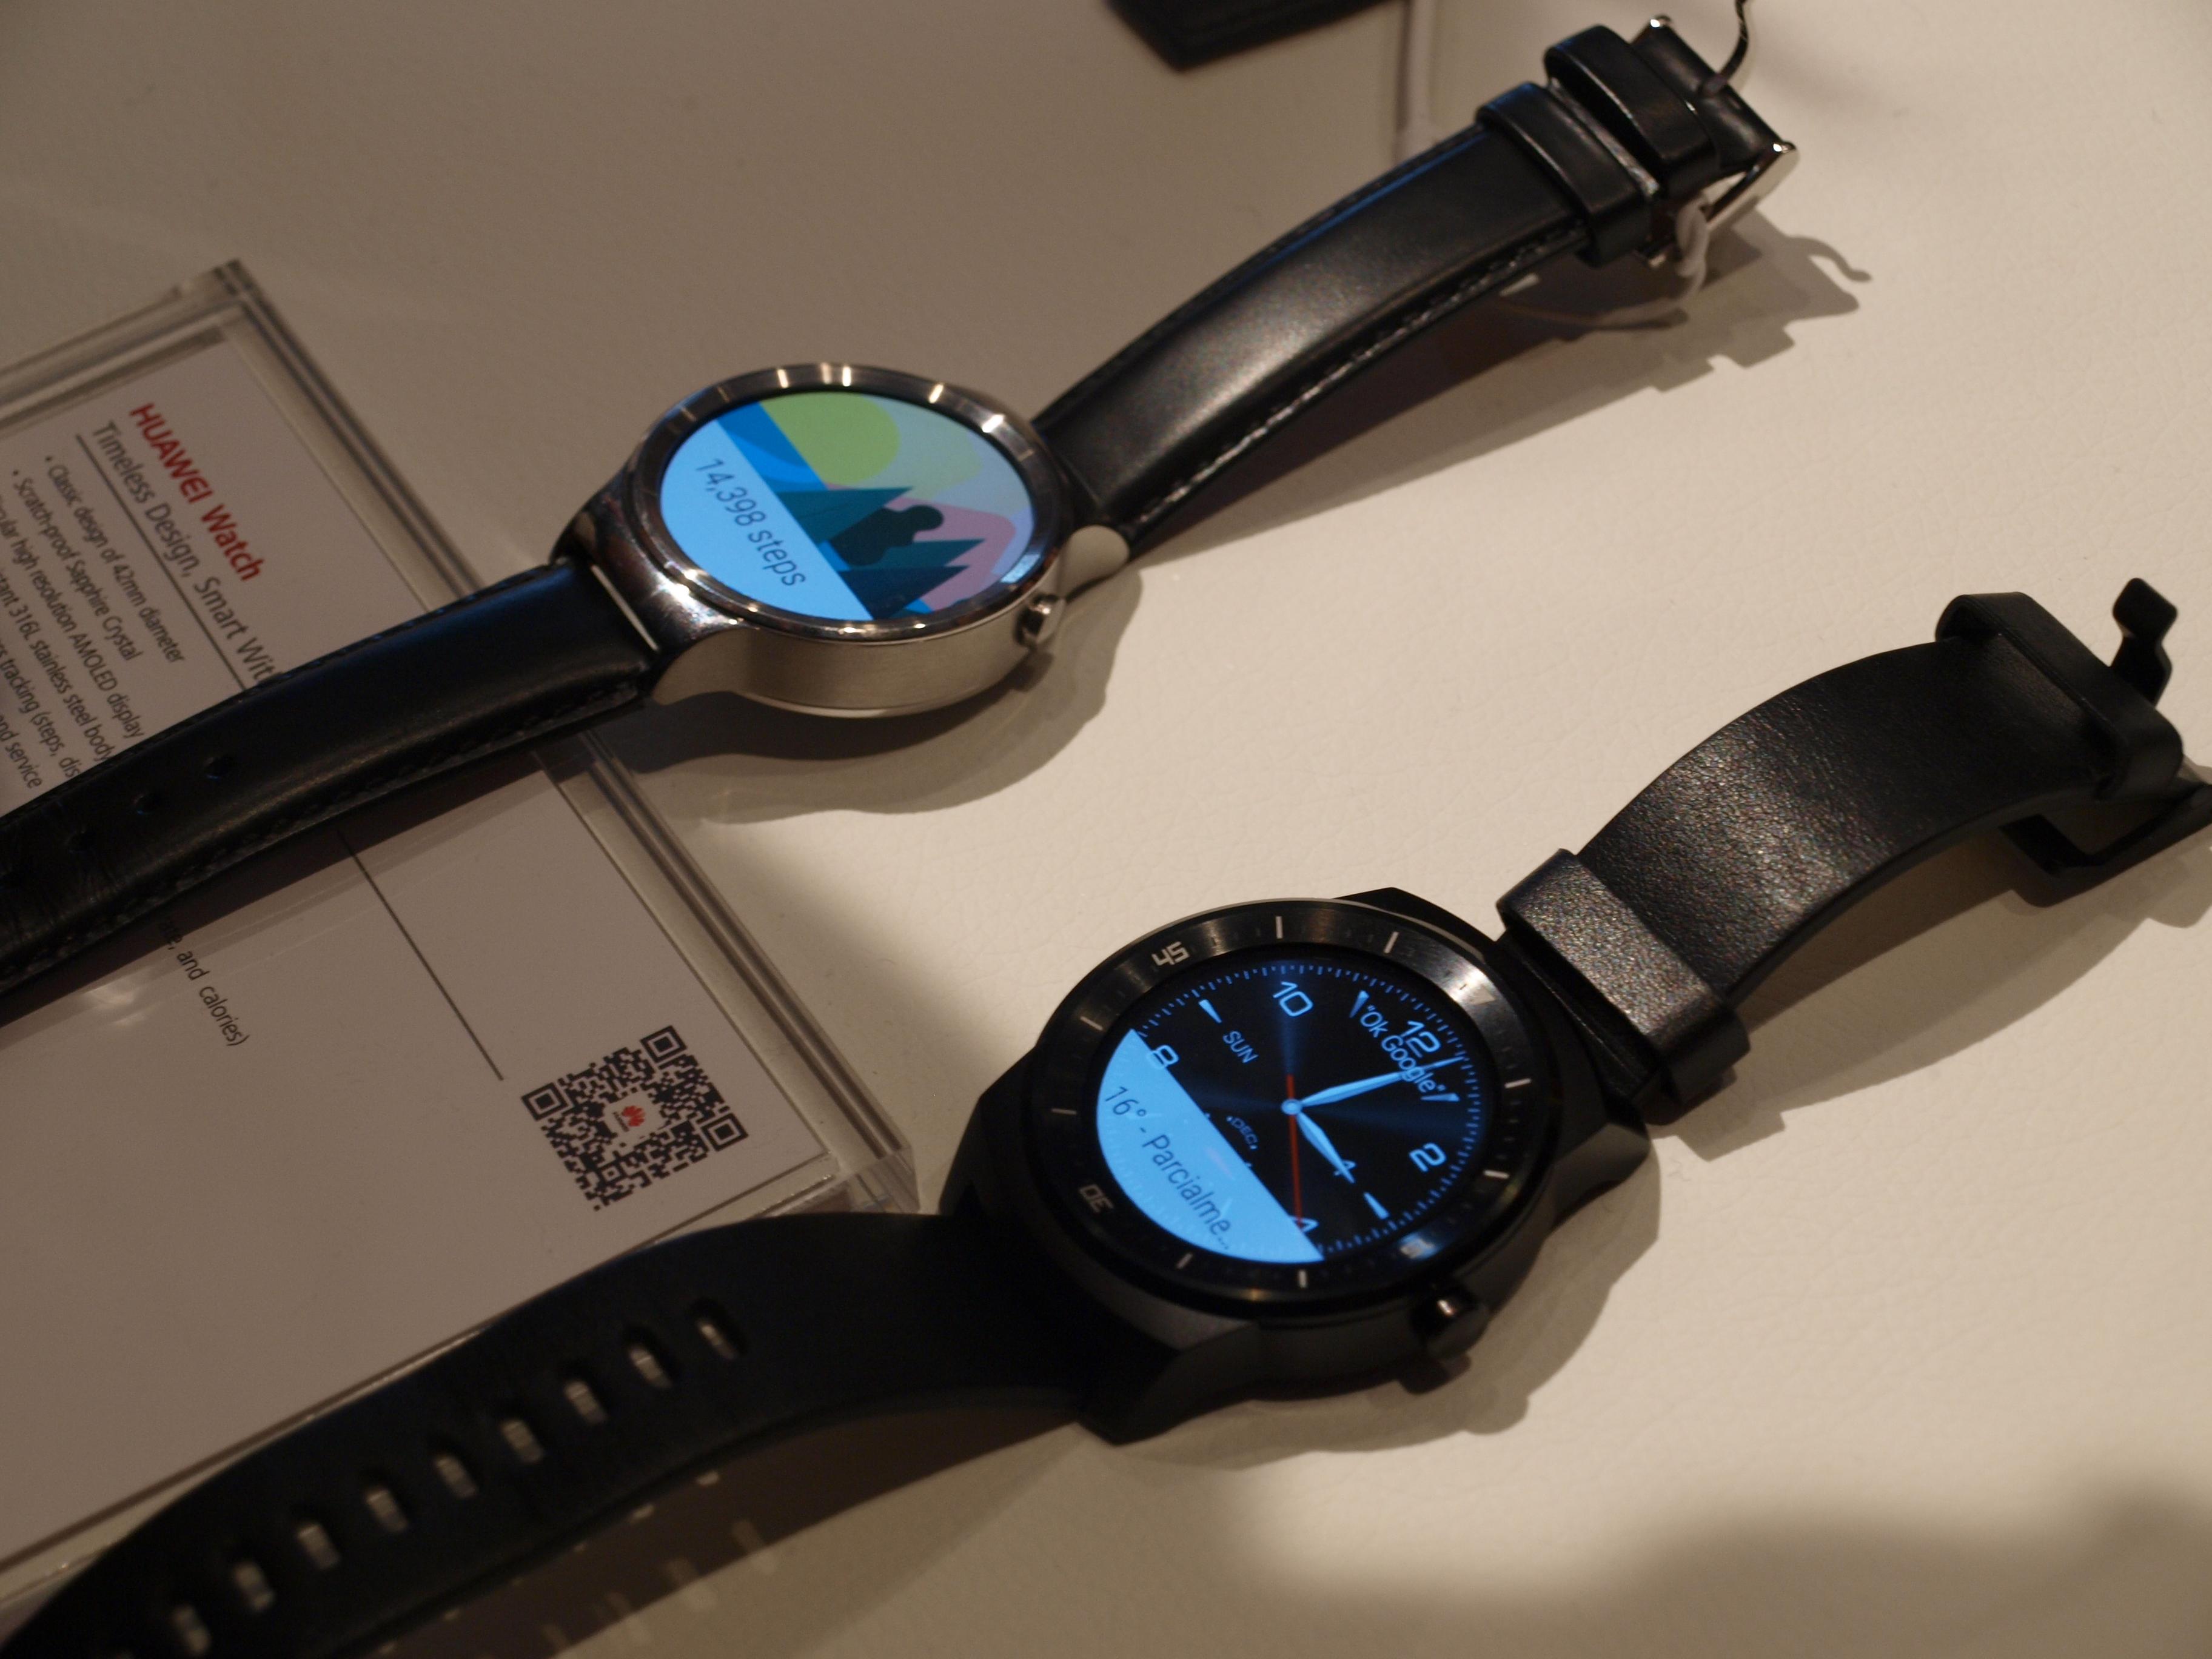 Comparando tamaño con LG G Watch R